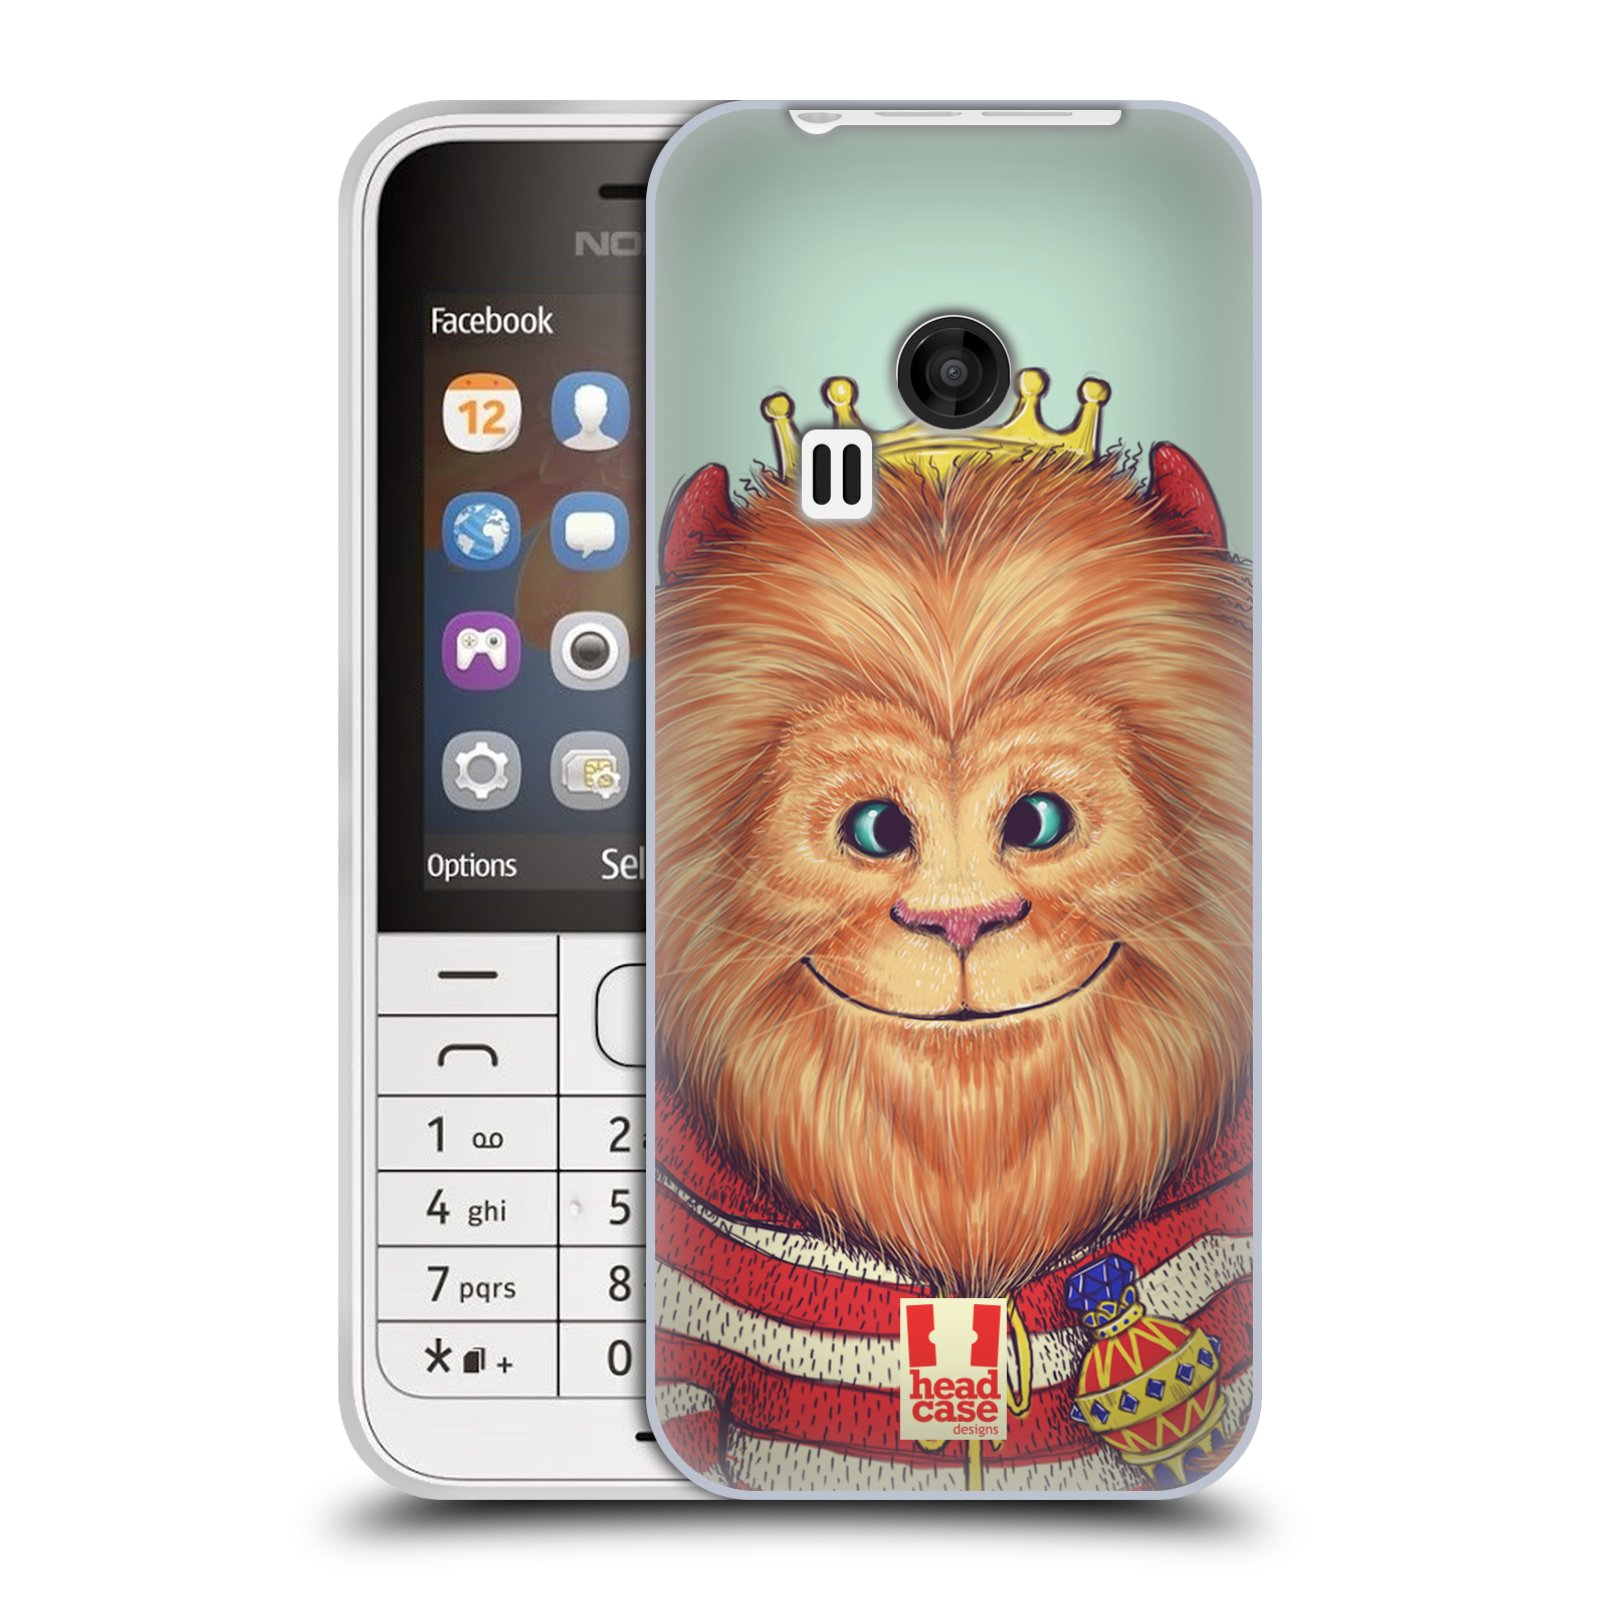 HEAD CASE silikonový obal na mobil NOKIA 220 / NOKIA 220 DUAL SIM vzor Kreslená zvířátka lev